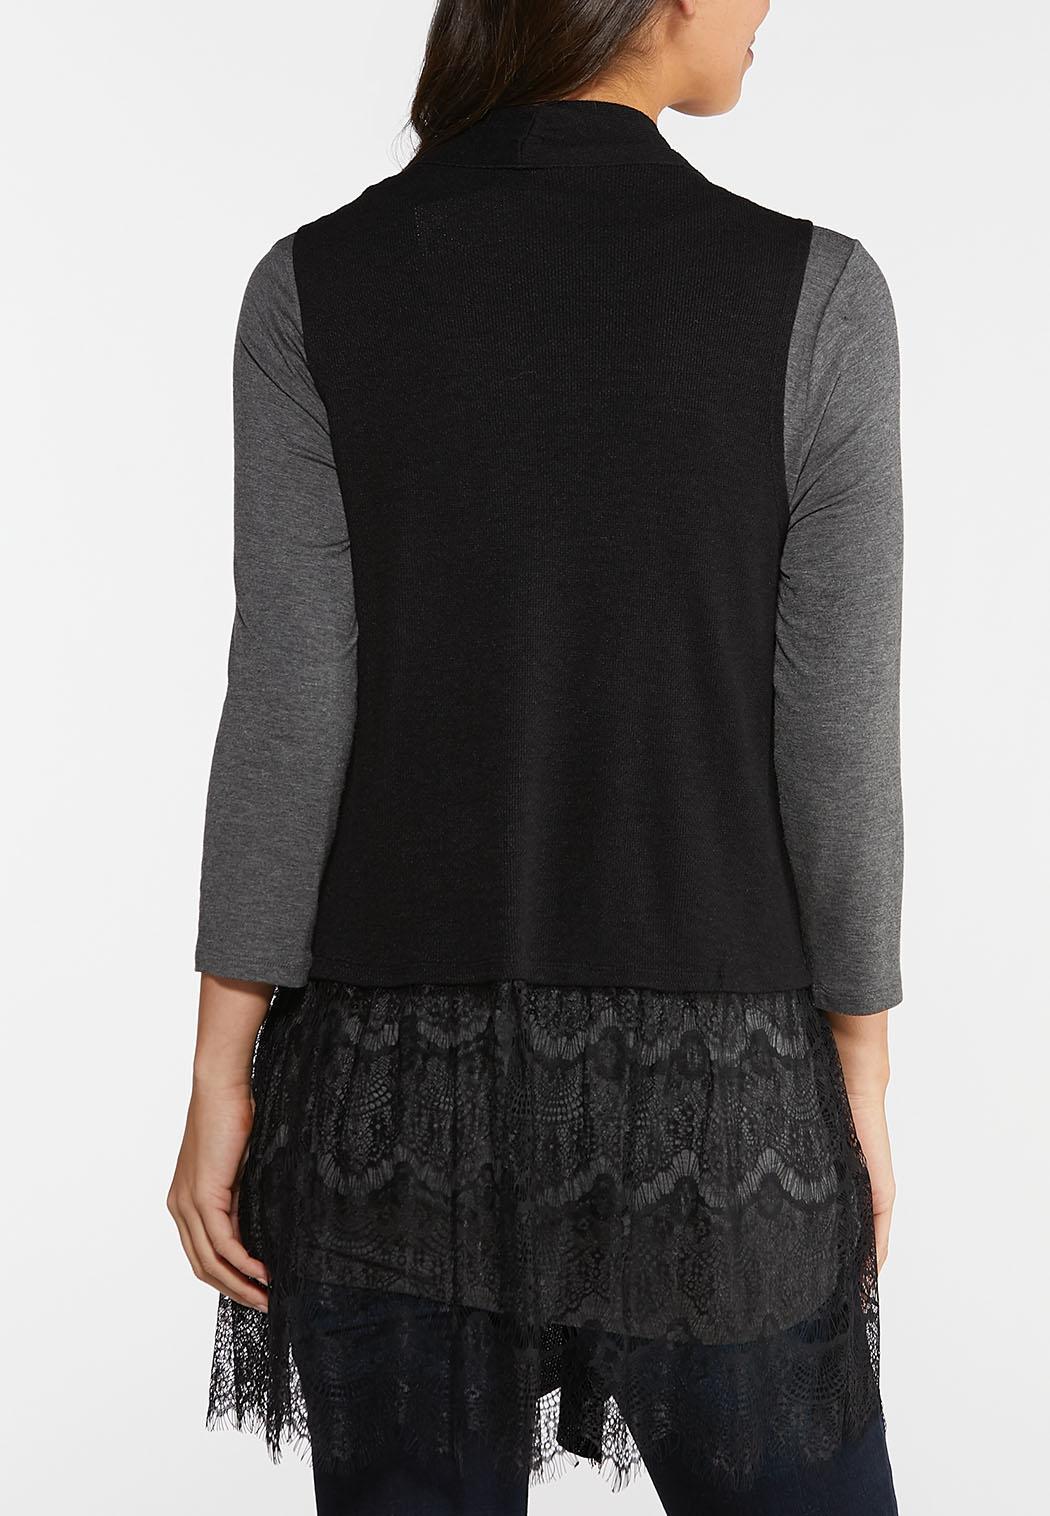 Lace Trim Knit Vest (Item #44037709)